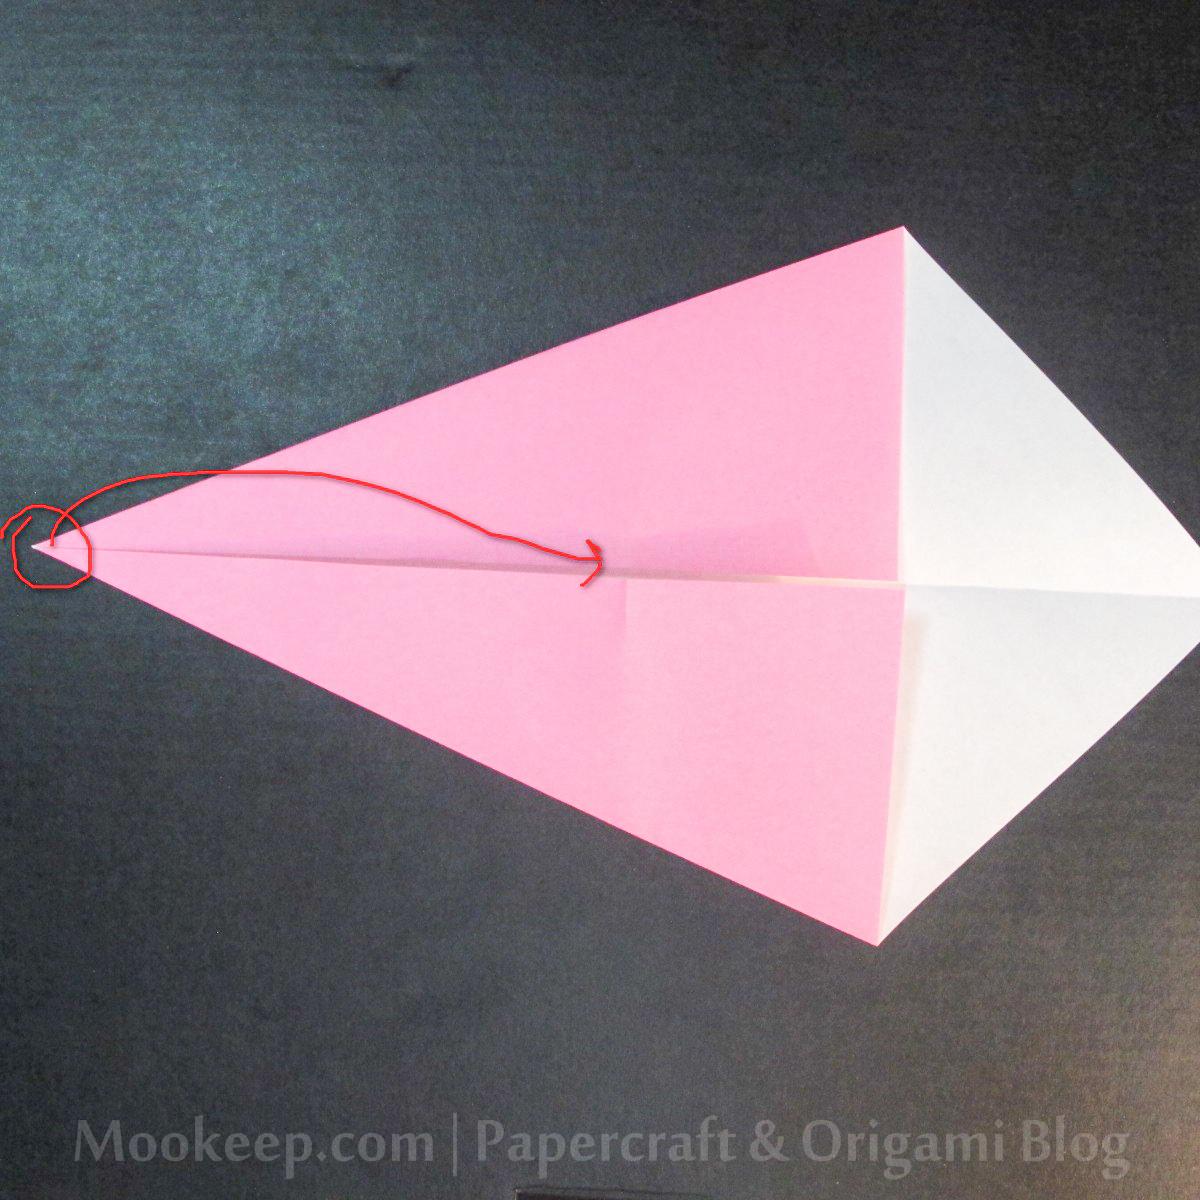 สอนวิธีการพับกระดาษเป็นรูปเป็ด (Origami Duck) - 009.jpg